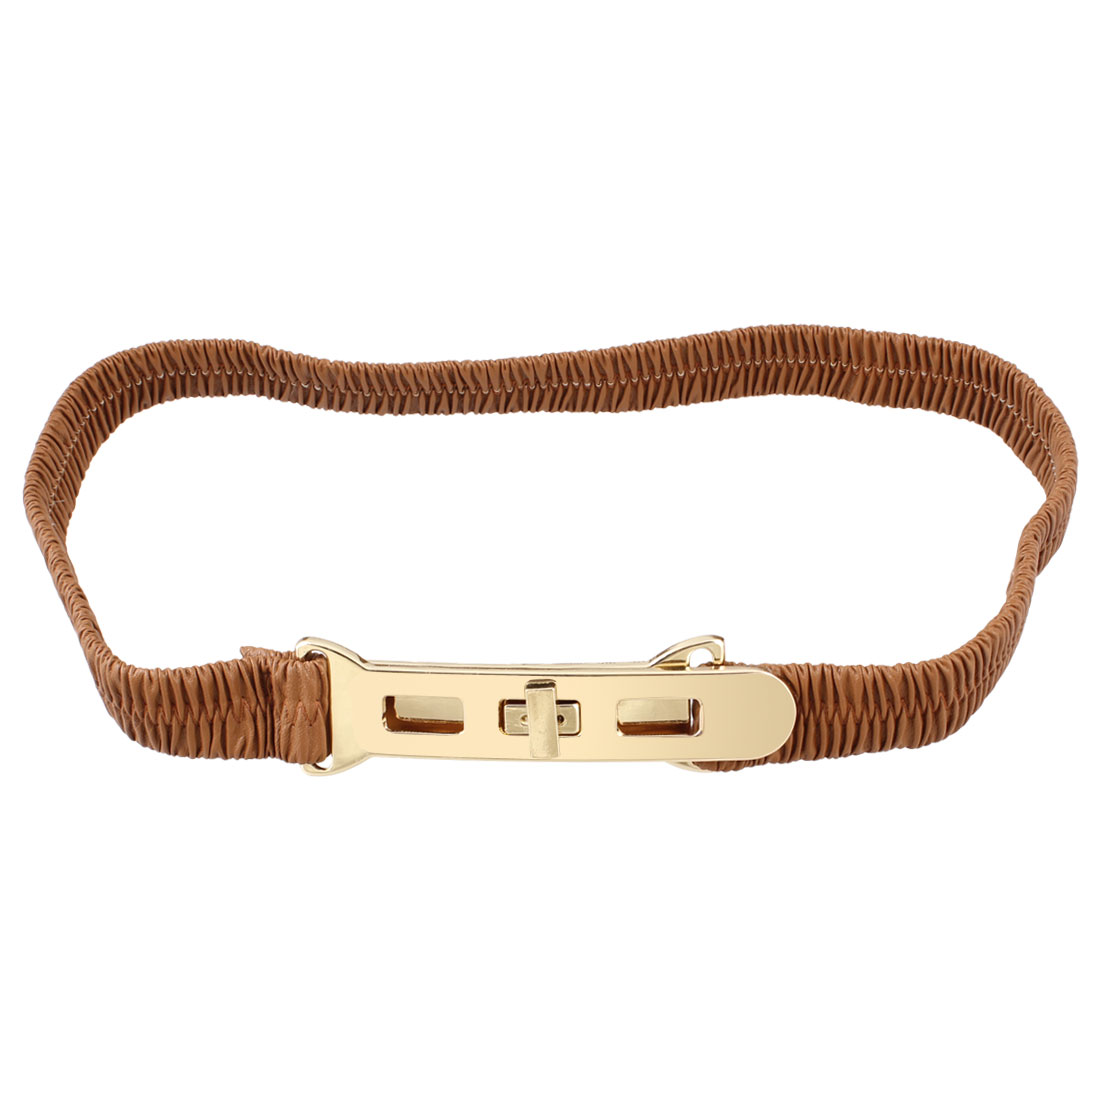 Metal Turn Lock Buckle Brown Elastic Waist Cinch Belt for Lady